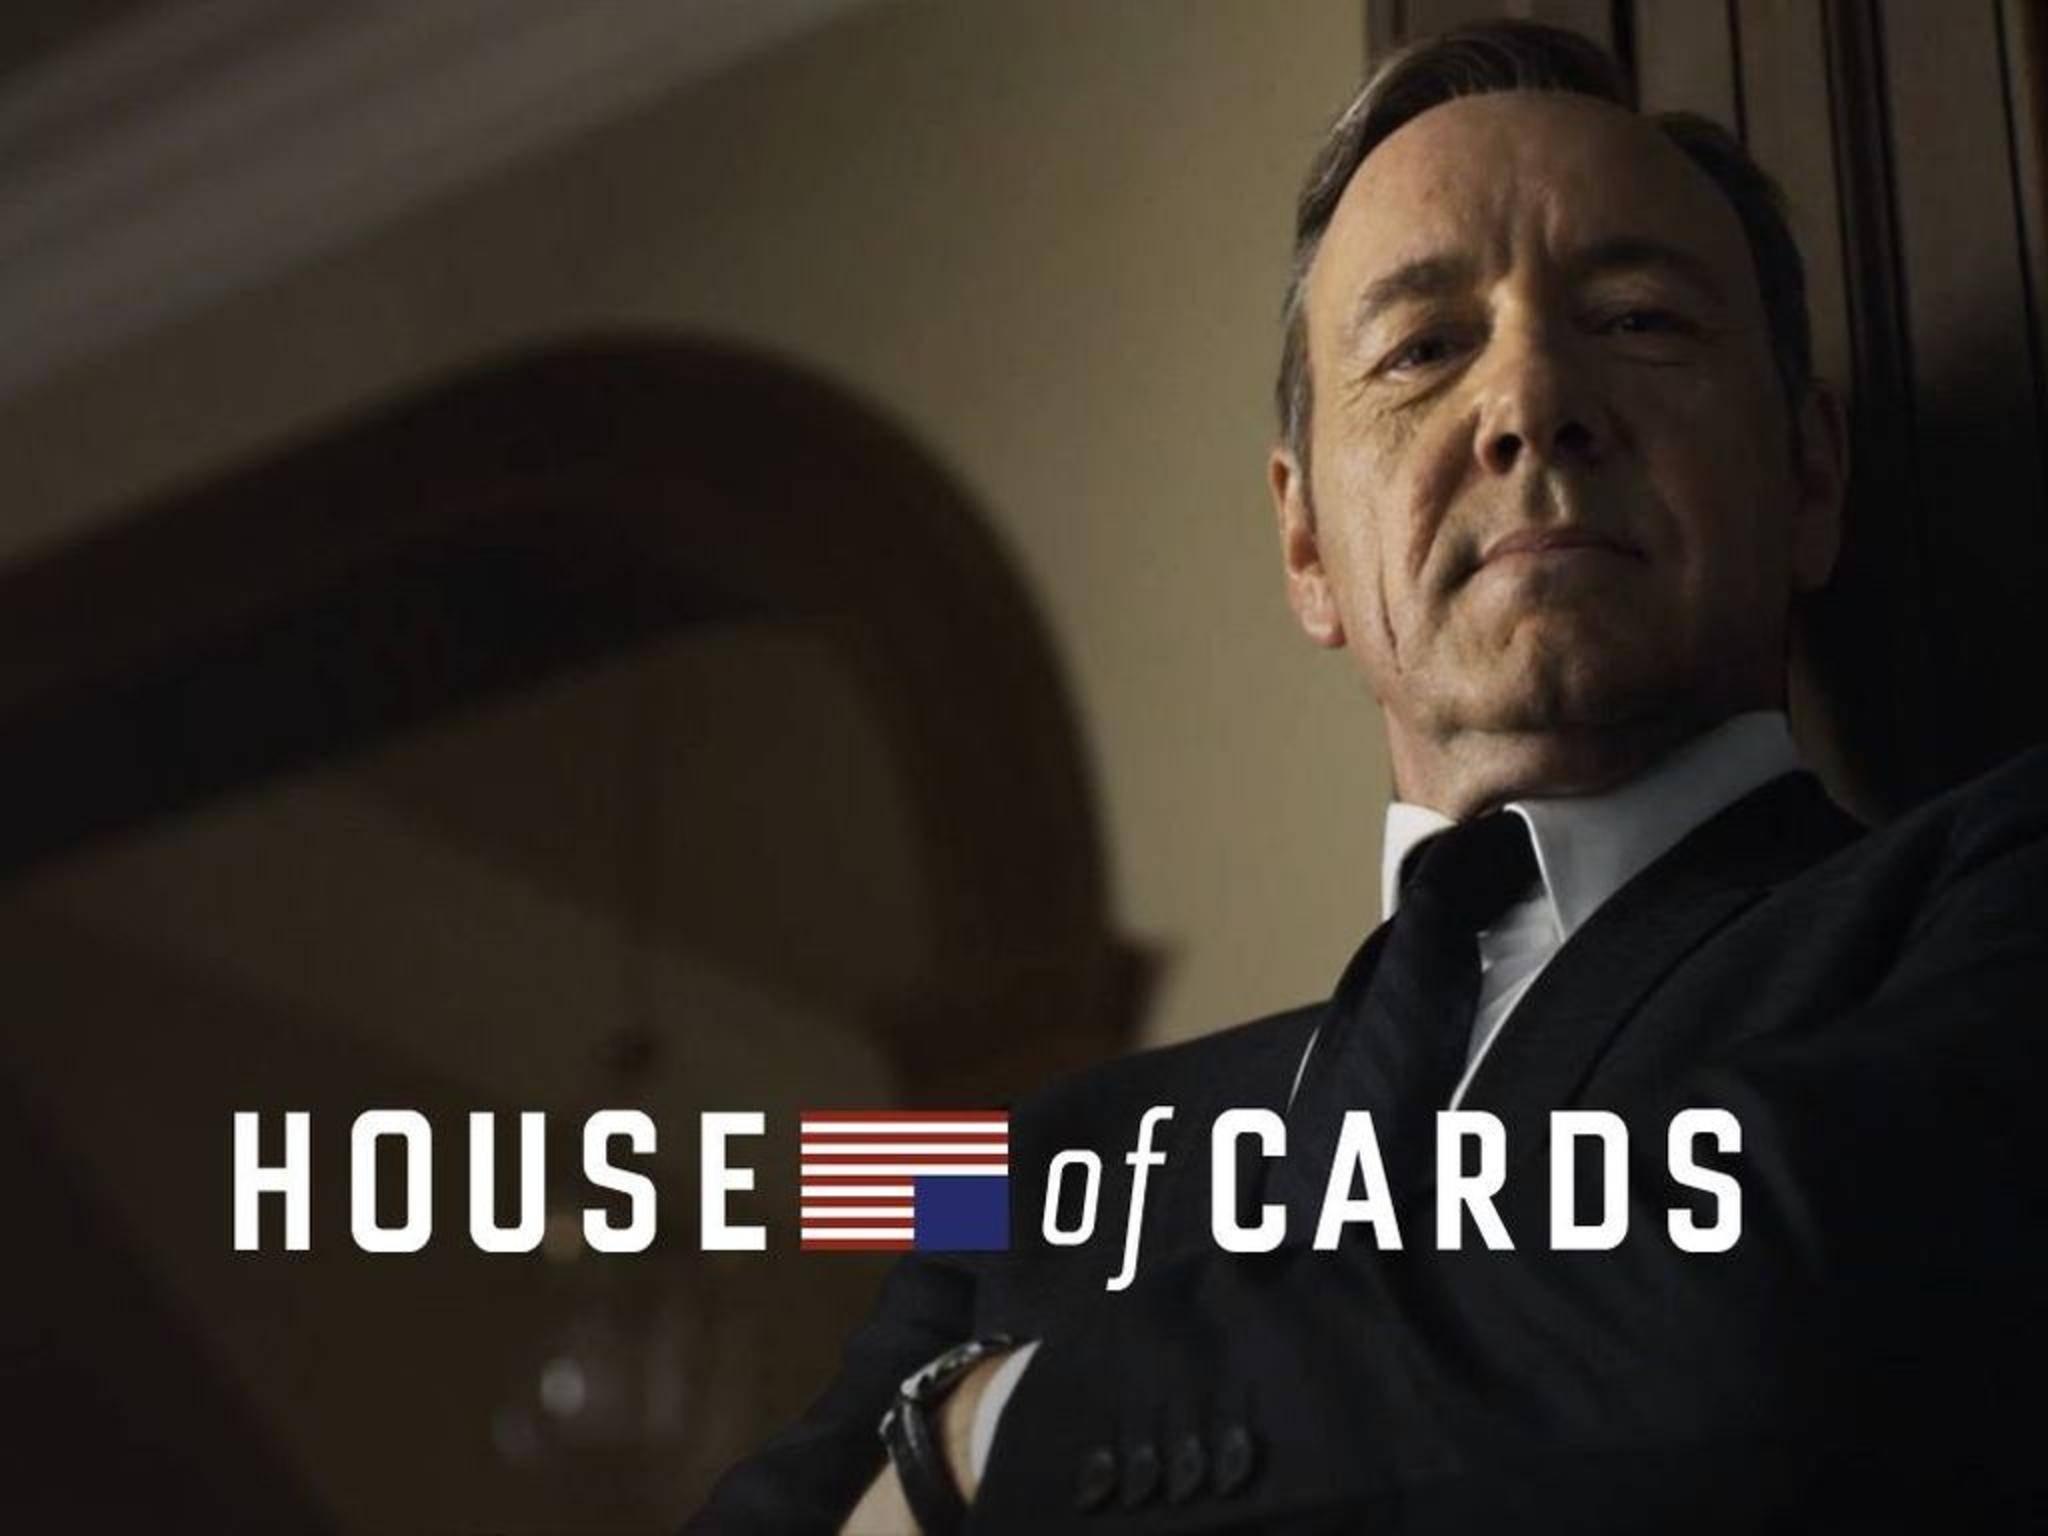 House of Cards: Die dritte Staffel wurde in 6K-Auflösung gedreht.